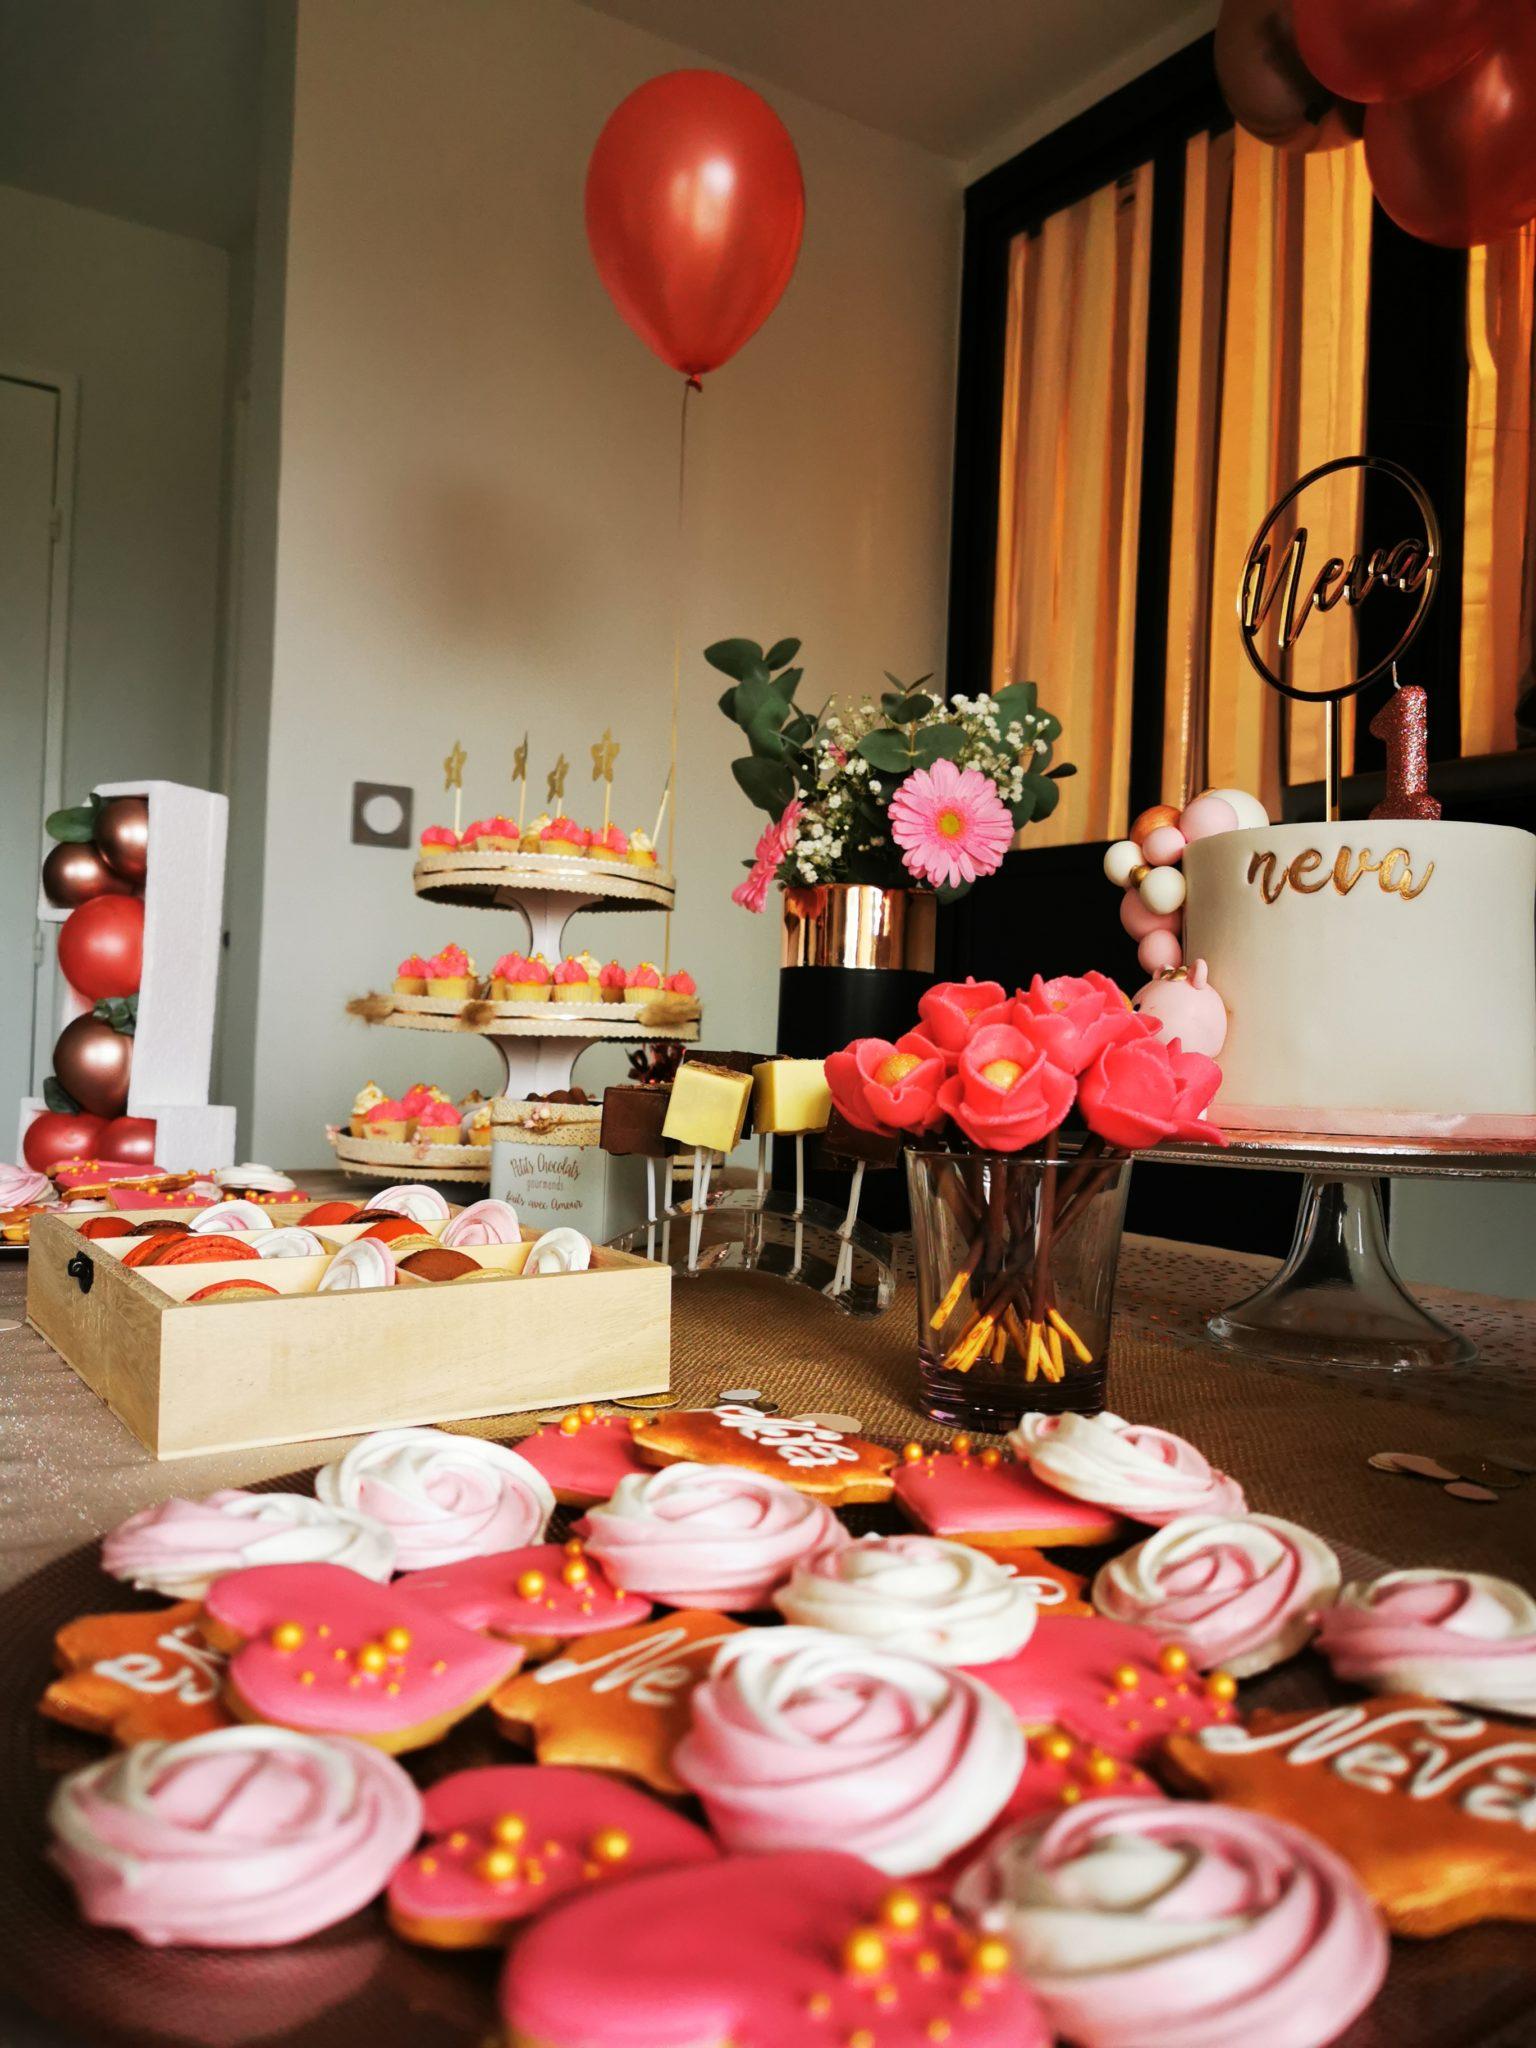 organisation événements privés lyon - organisation anniversaire - wedding event planner lyon - les moments m